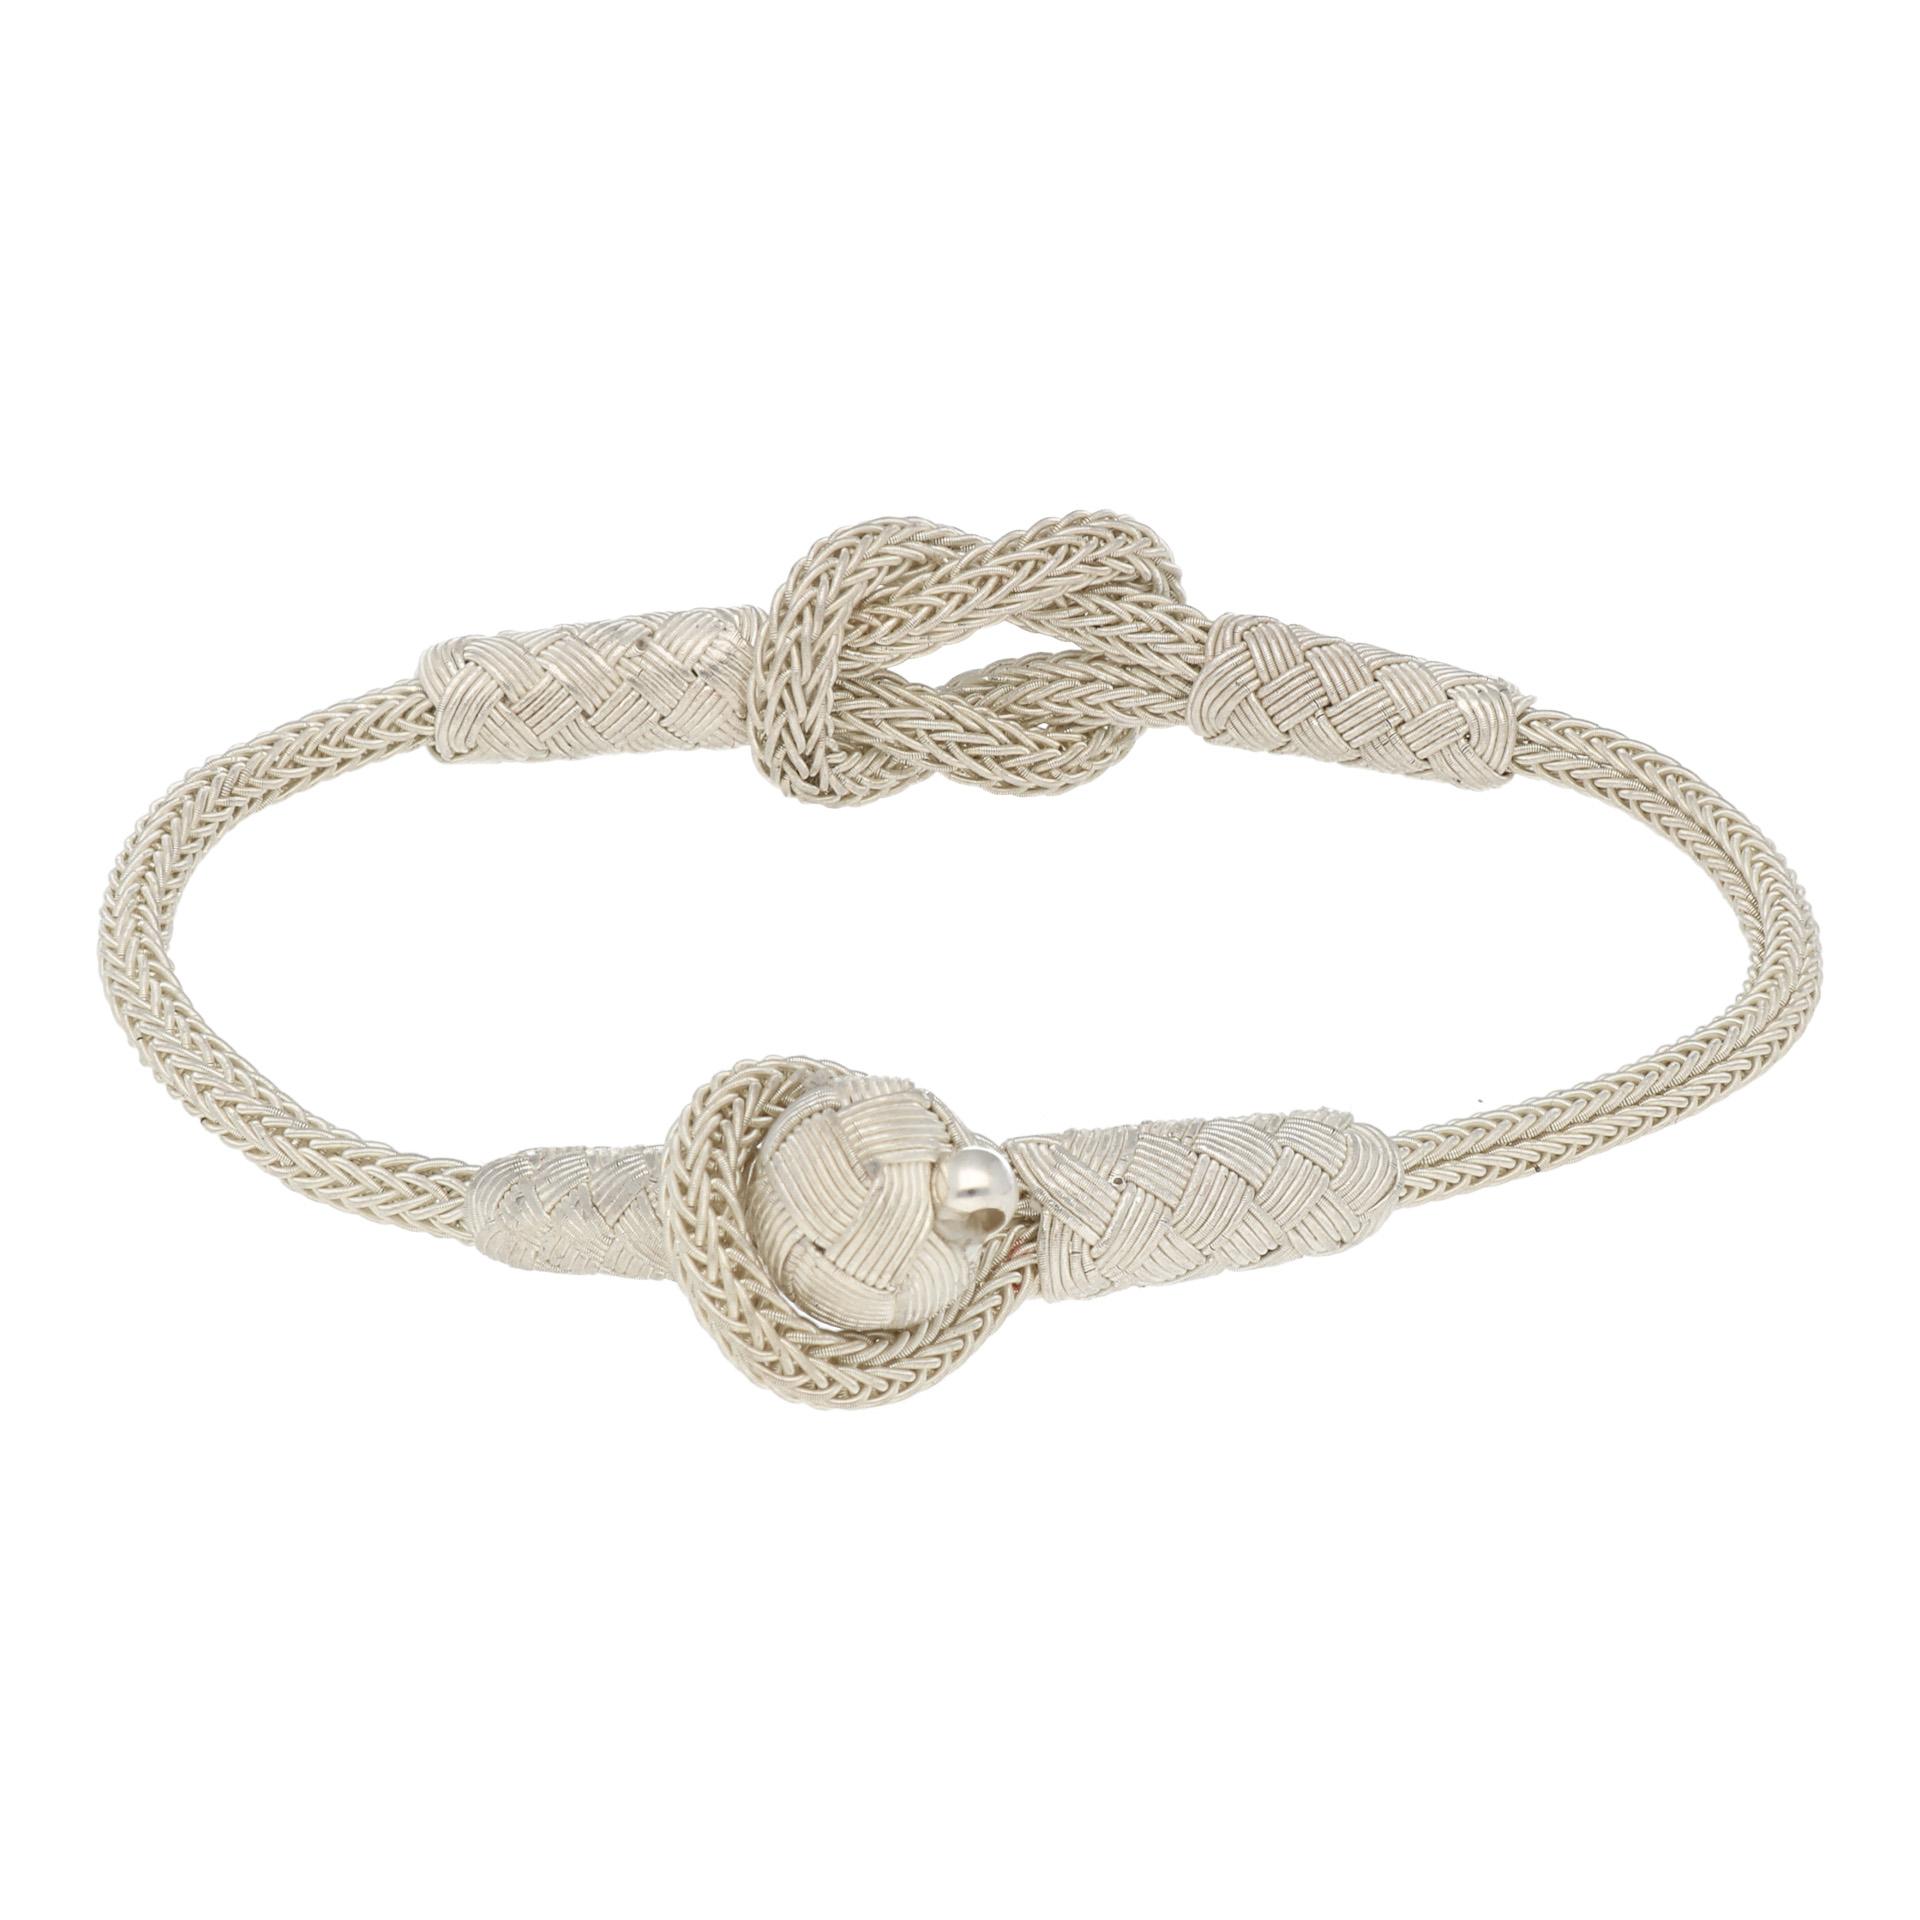 999 Silber Kordel Armband mit Herkulesknoten, Liebesknoten, 10530 0b5ee5745f